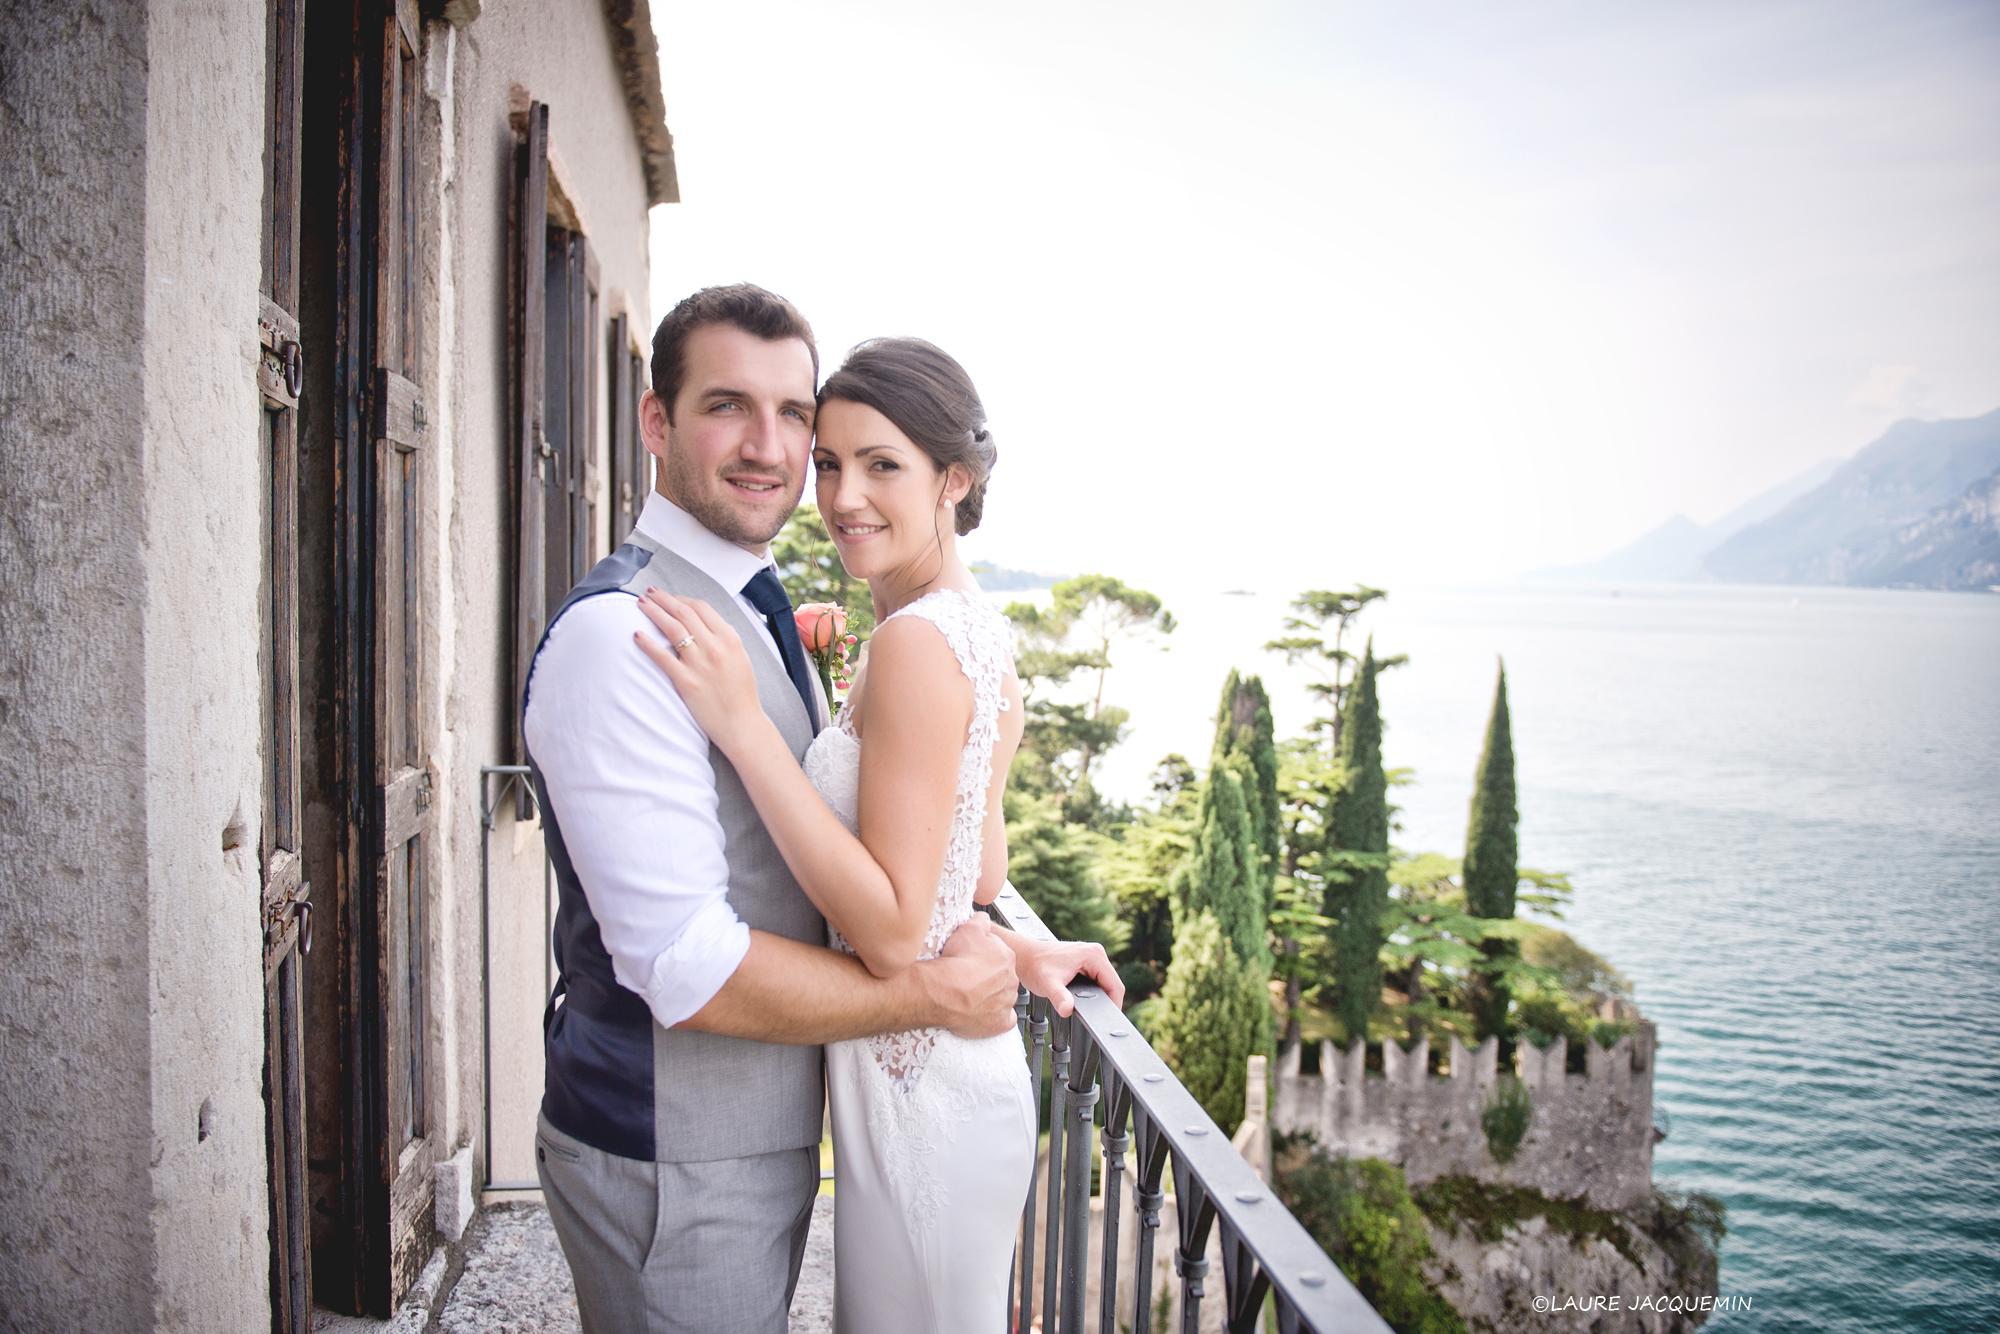 lac de Garde italie venise mariage photographe laure Jacquemin (208)